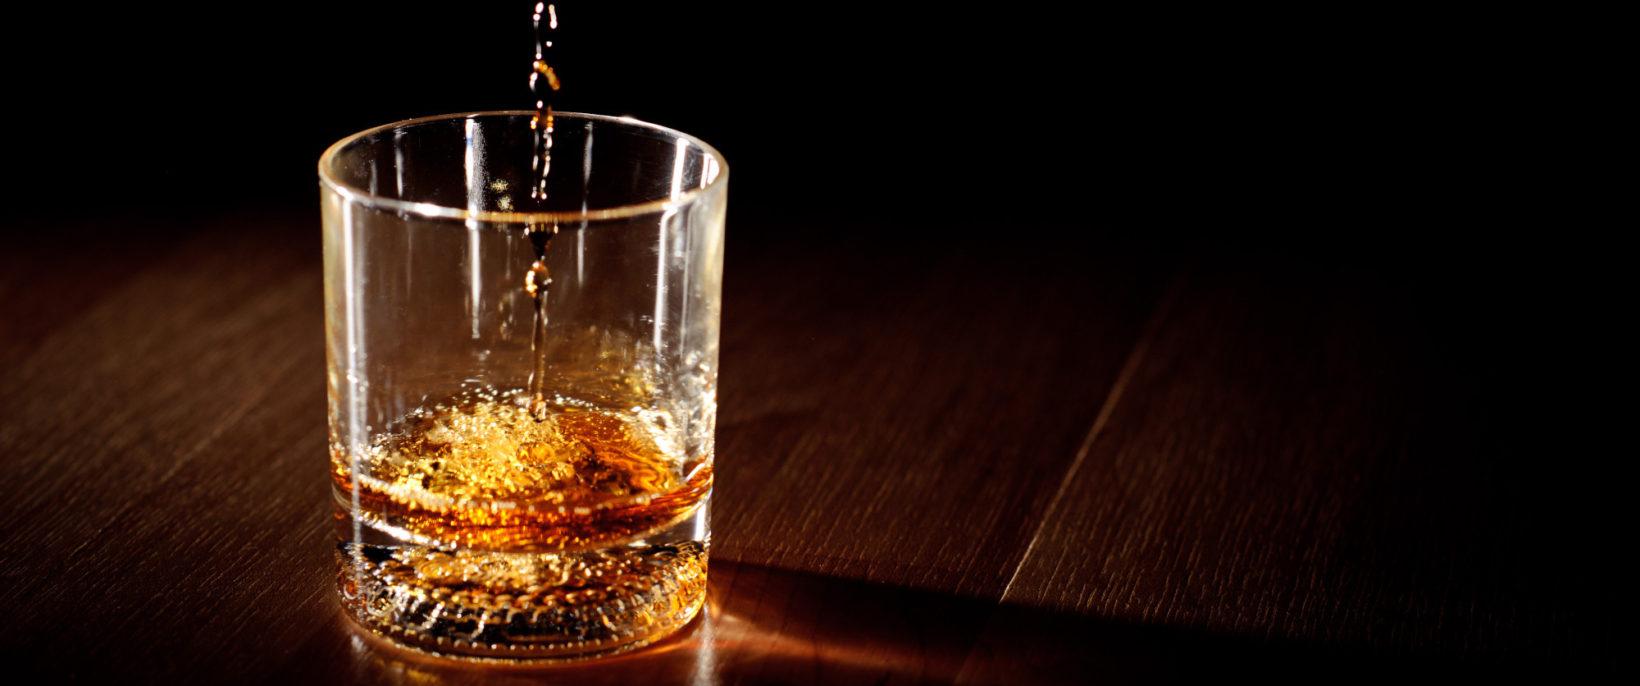 苏格兰威士忌术语